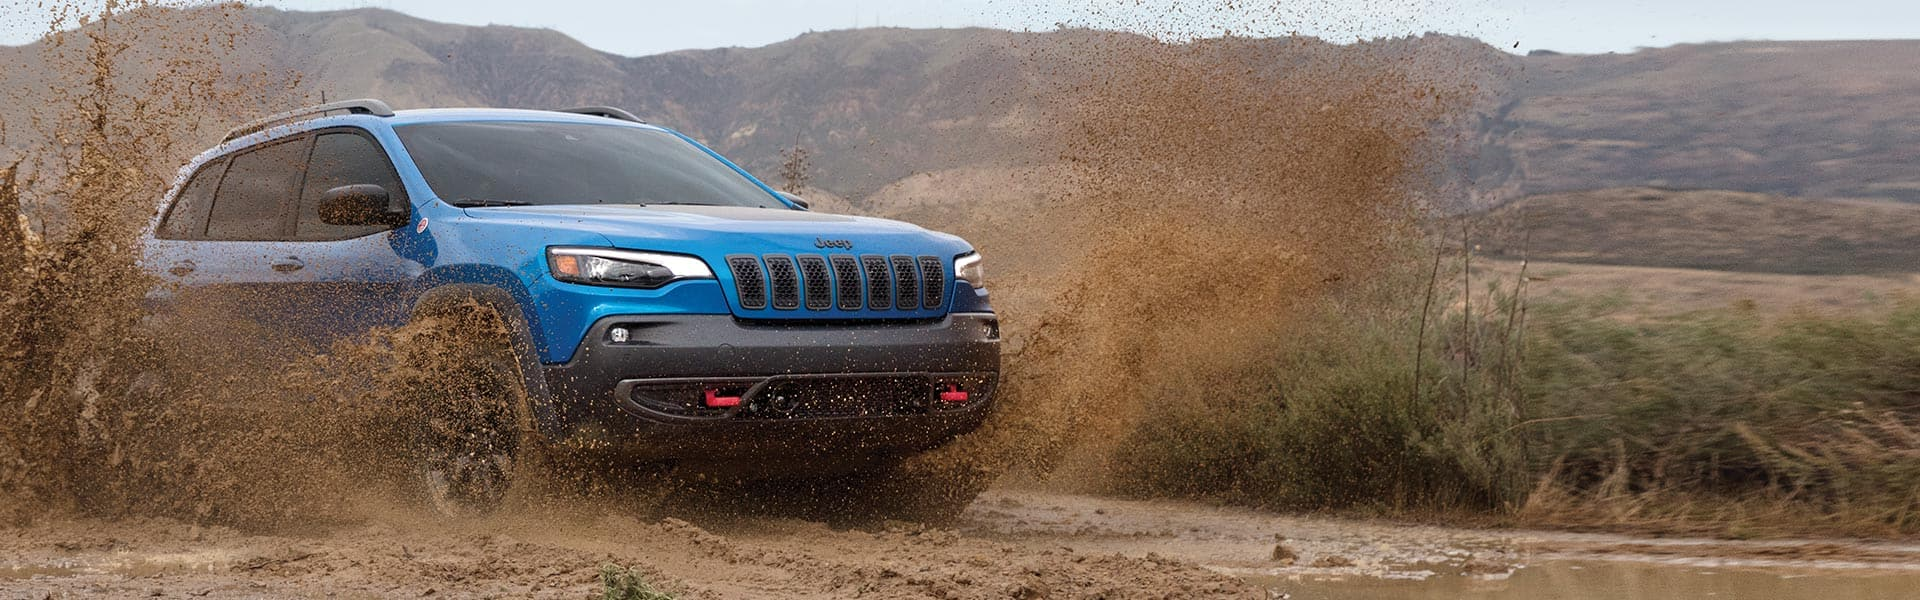 ElJeep Cherokee Trailhawk2021 andando por terreno fangoso, salpicando tierra desde sus ruedas.